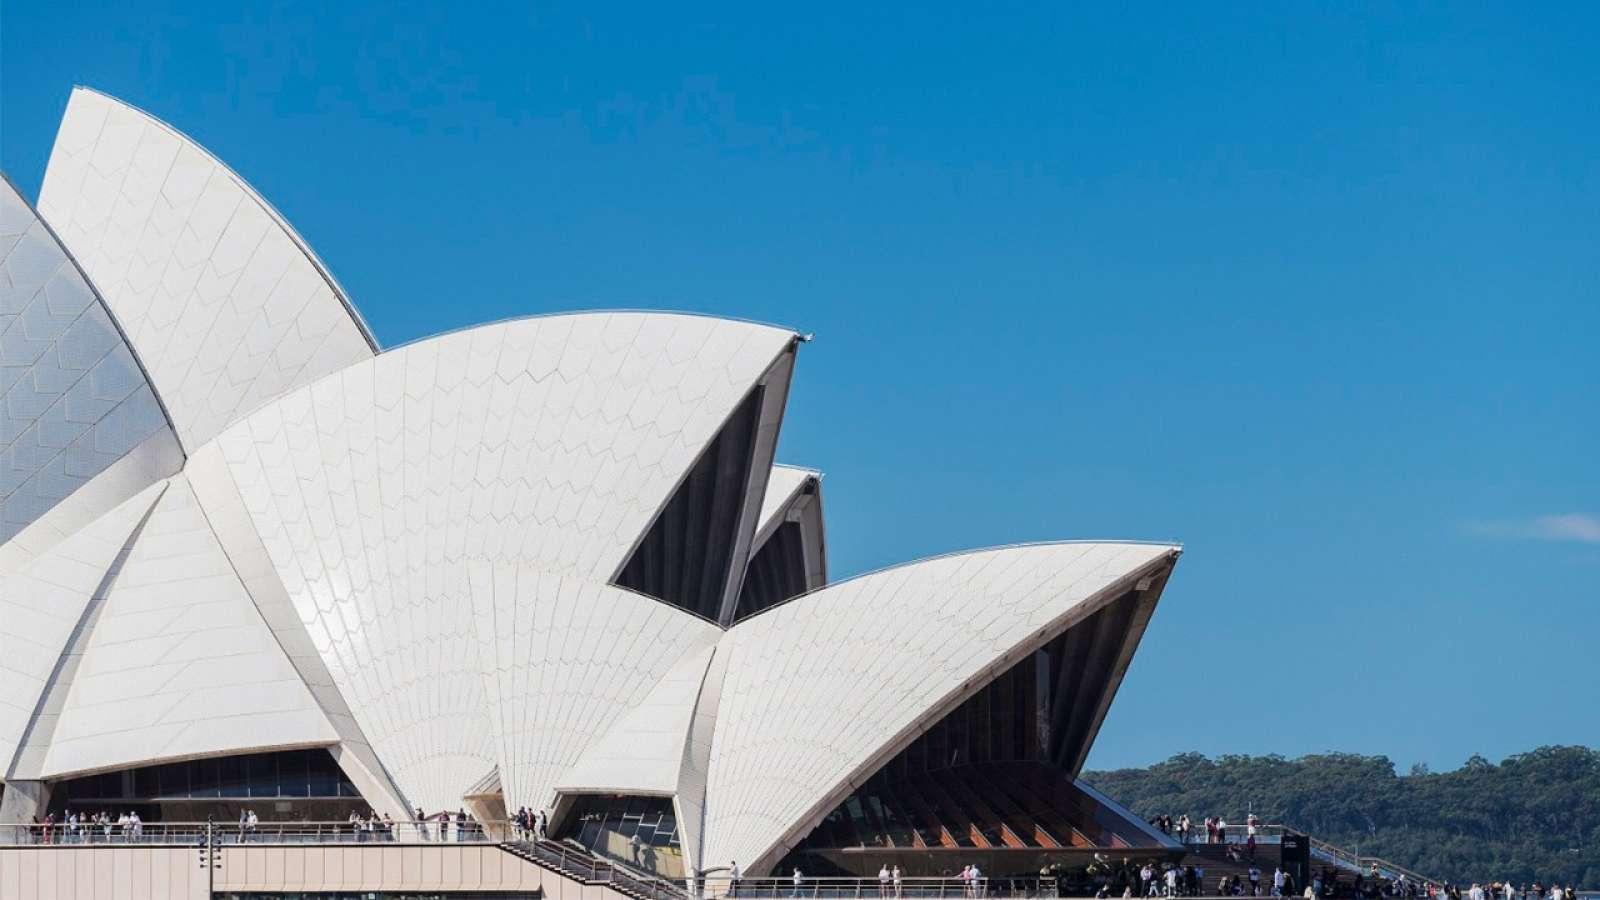 Сердце культурной жизни. Сиднейский оперный театр | proBauhaus.ru